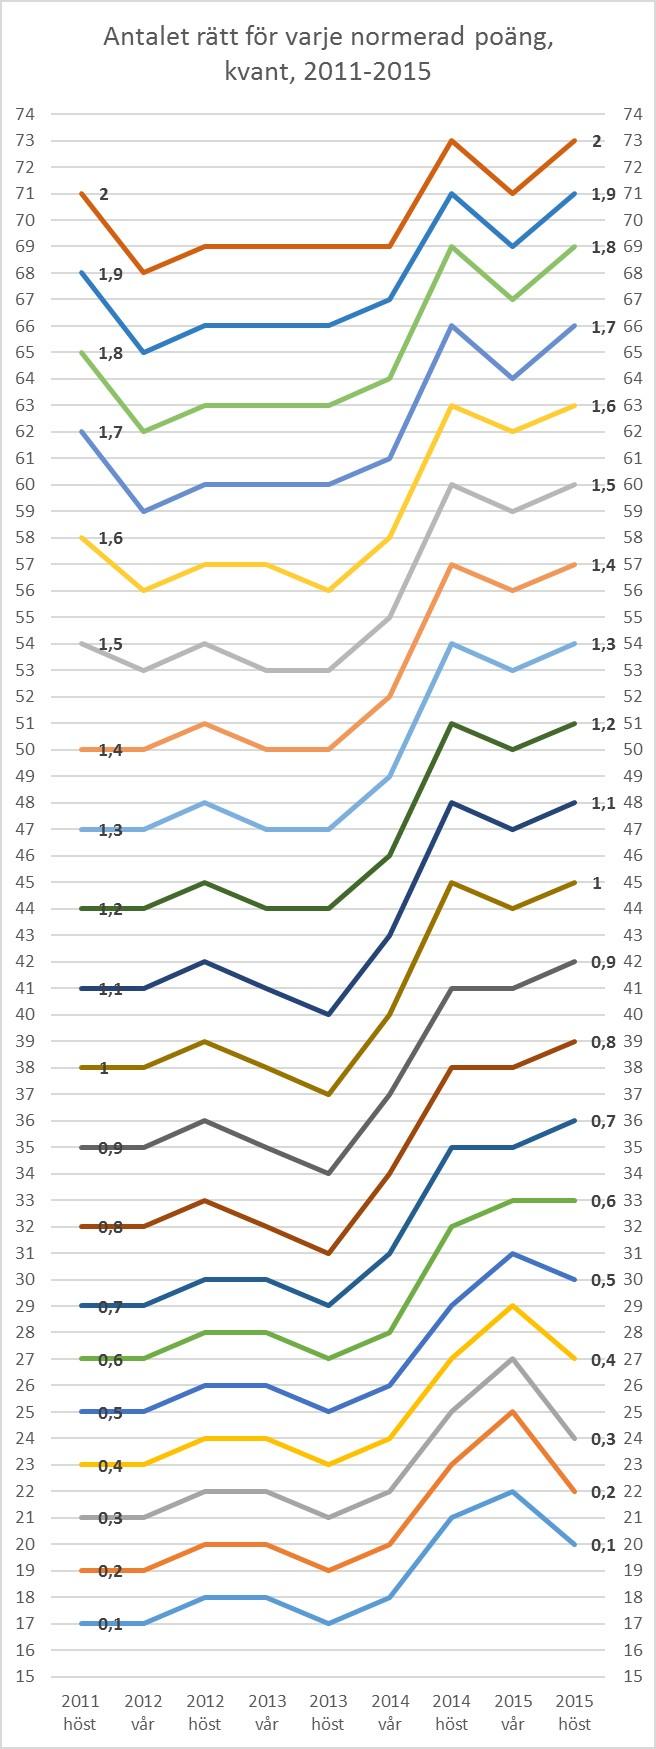 Graf över normering kvant 2011-2015